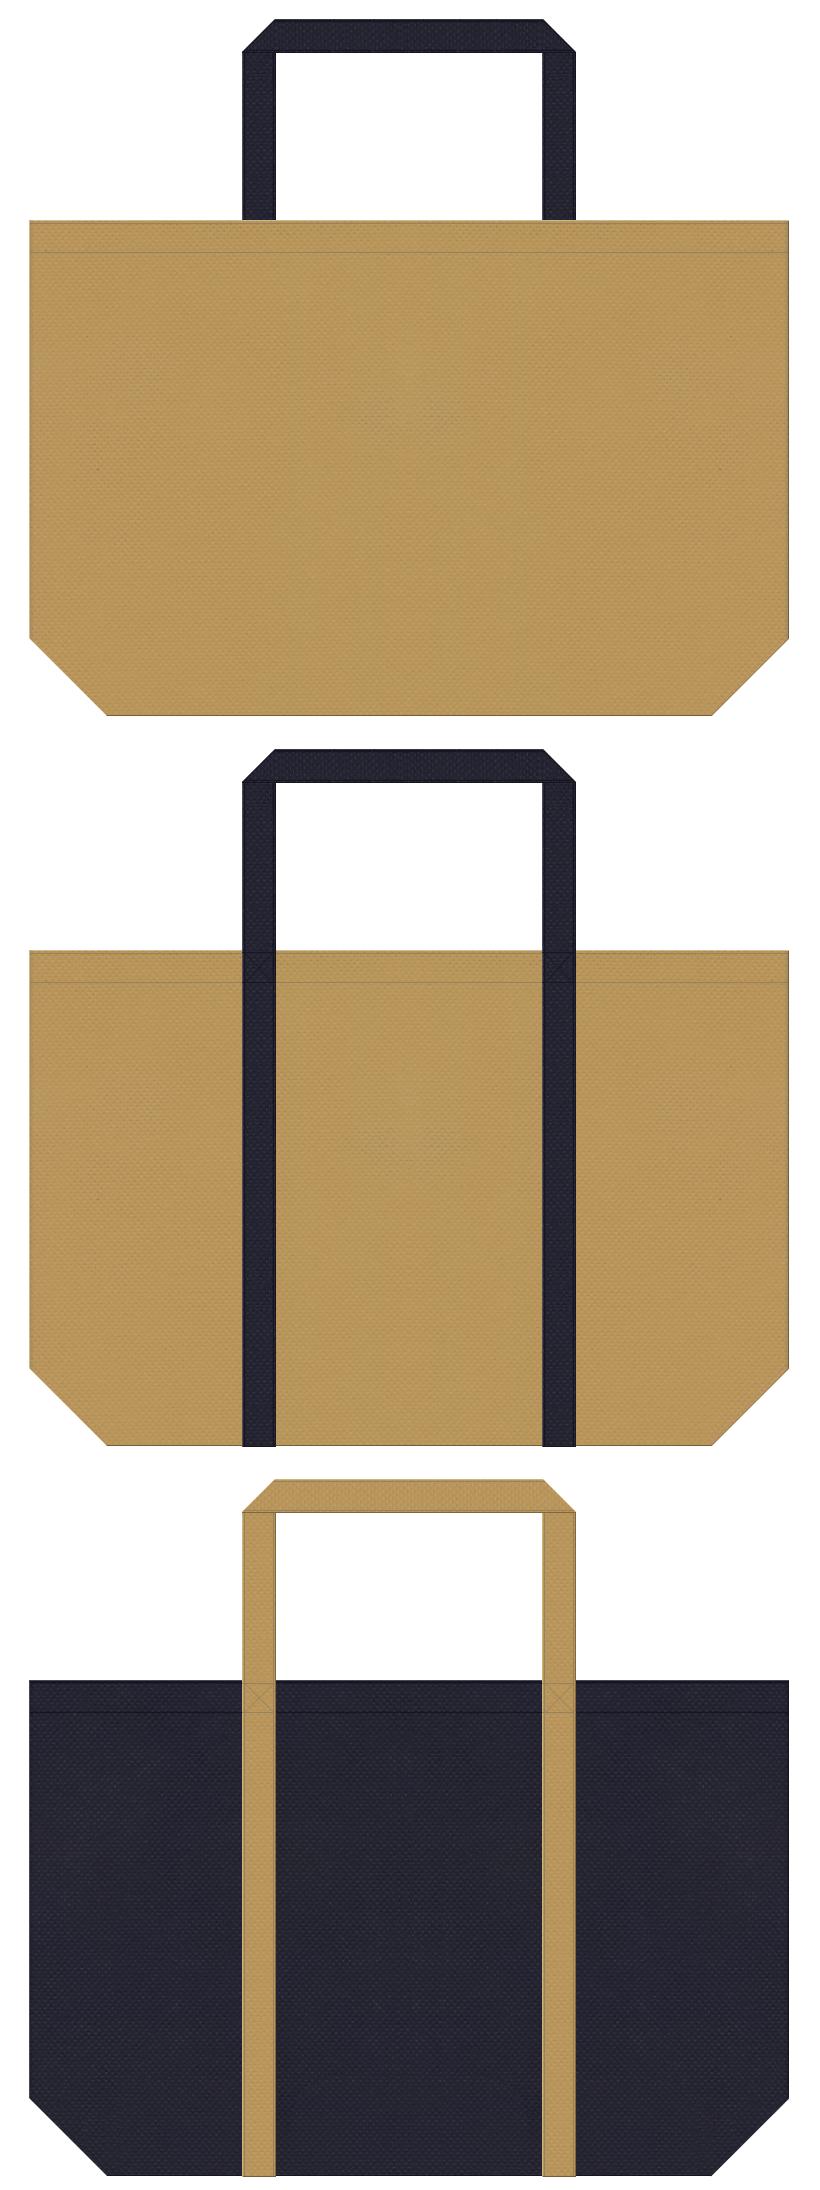 インディゴデニム・ジーンズ・カジュアル・アウトレットのショッピングバッグにお奨めの不織布バッグデザイン:金黄土色と濃紺色のコーデ